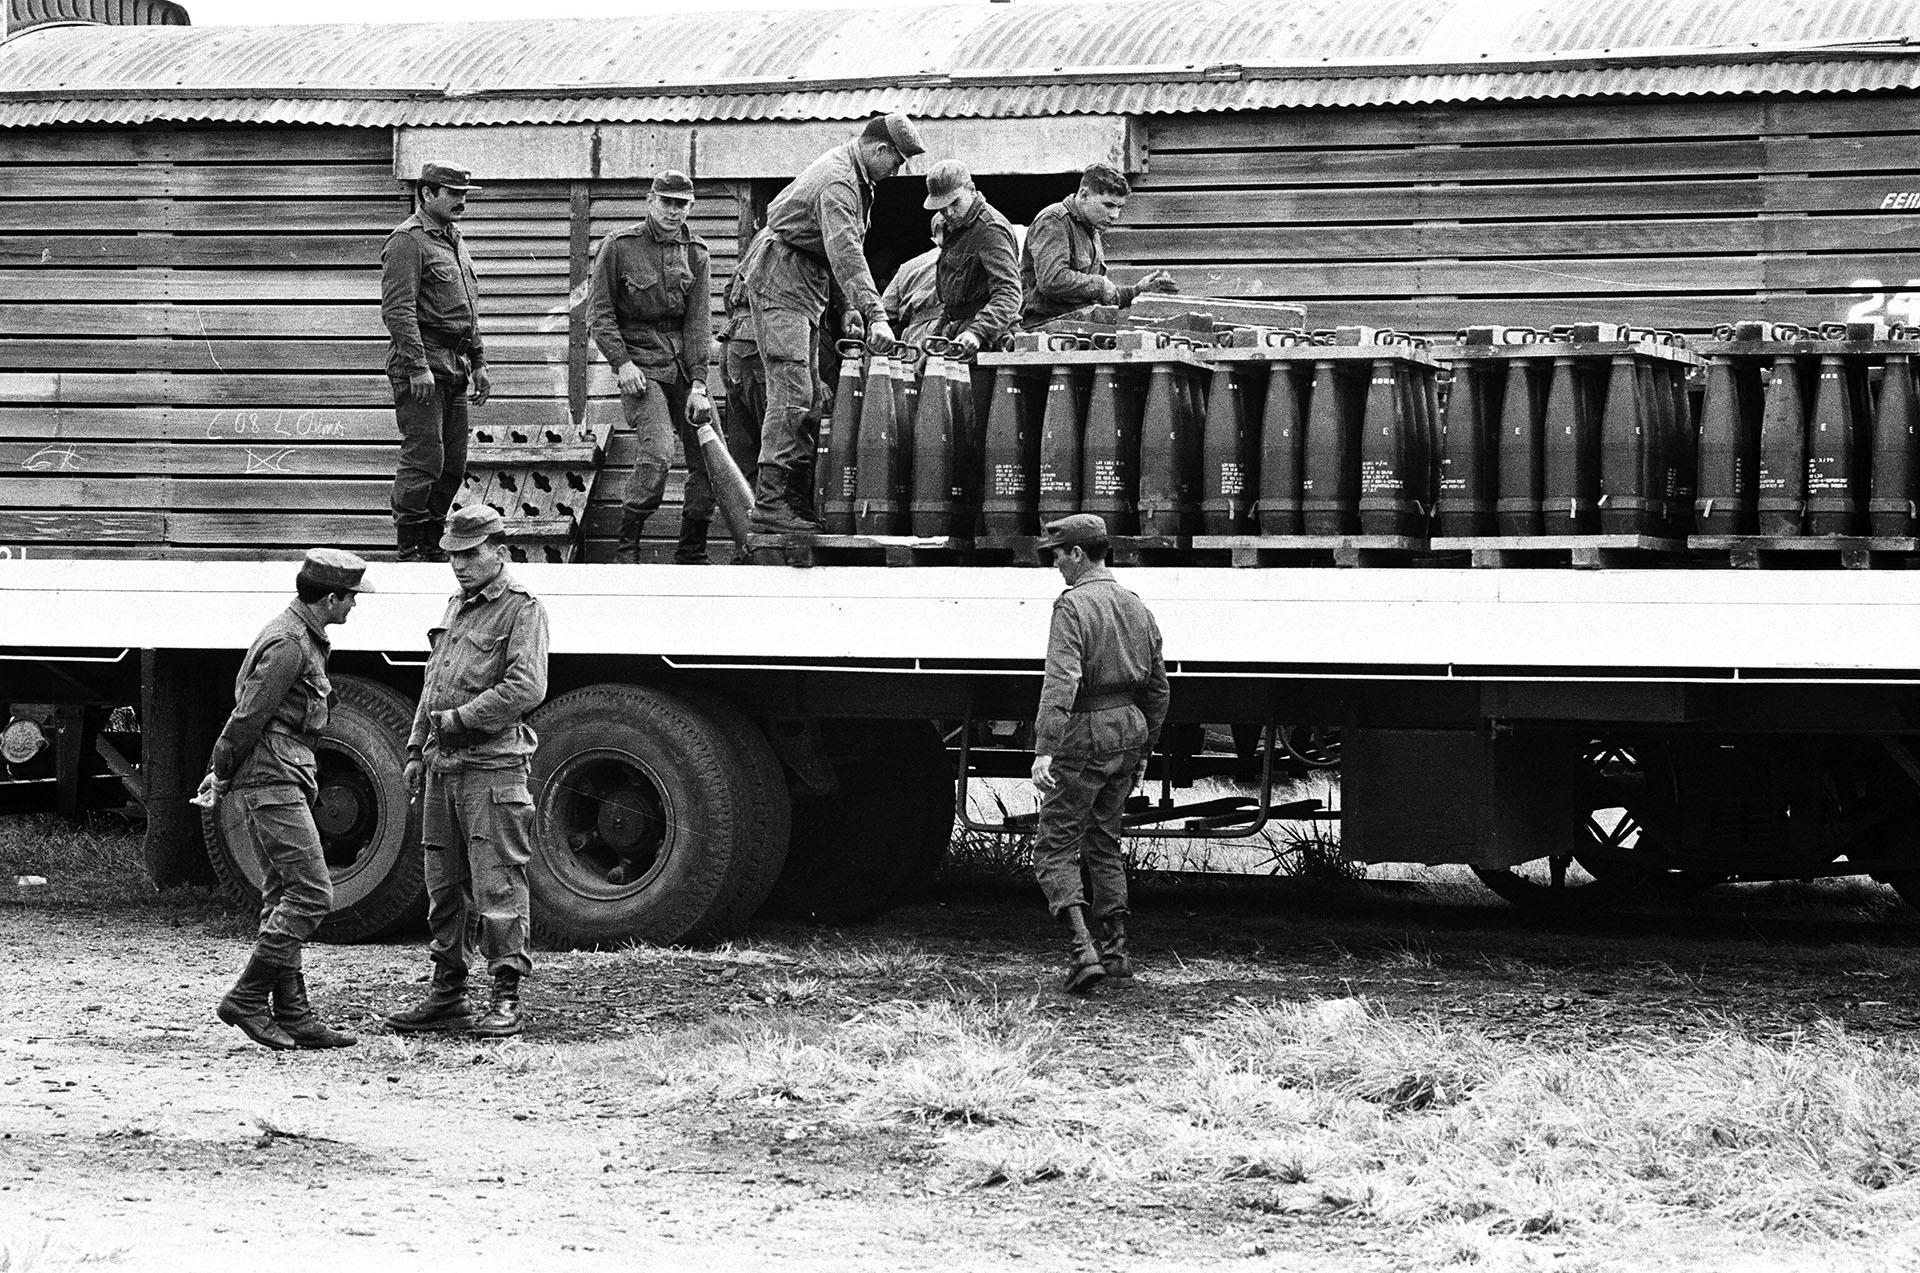 Bien encolumnados, los proyectiles están listos para abastecer a los cañones que esperan en las trincheras (Foto: Juan Sandoval).